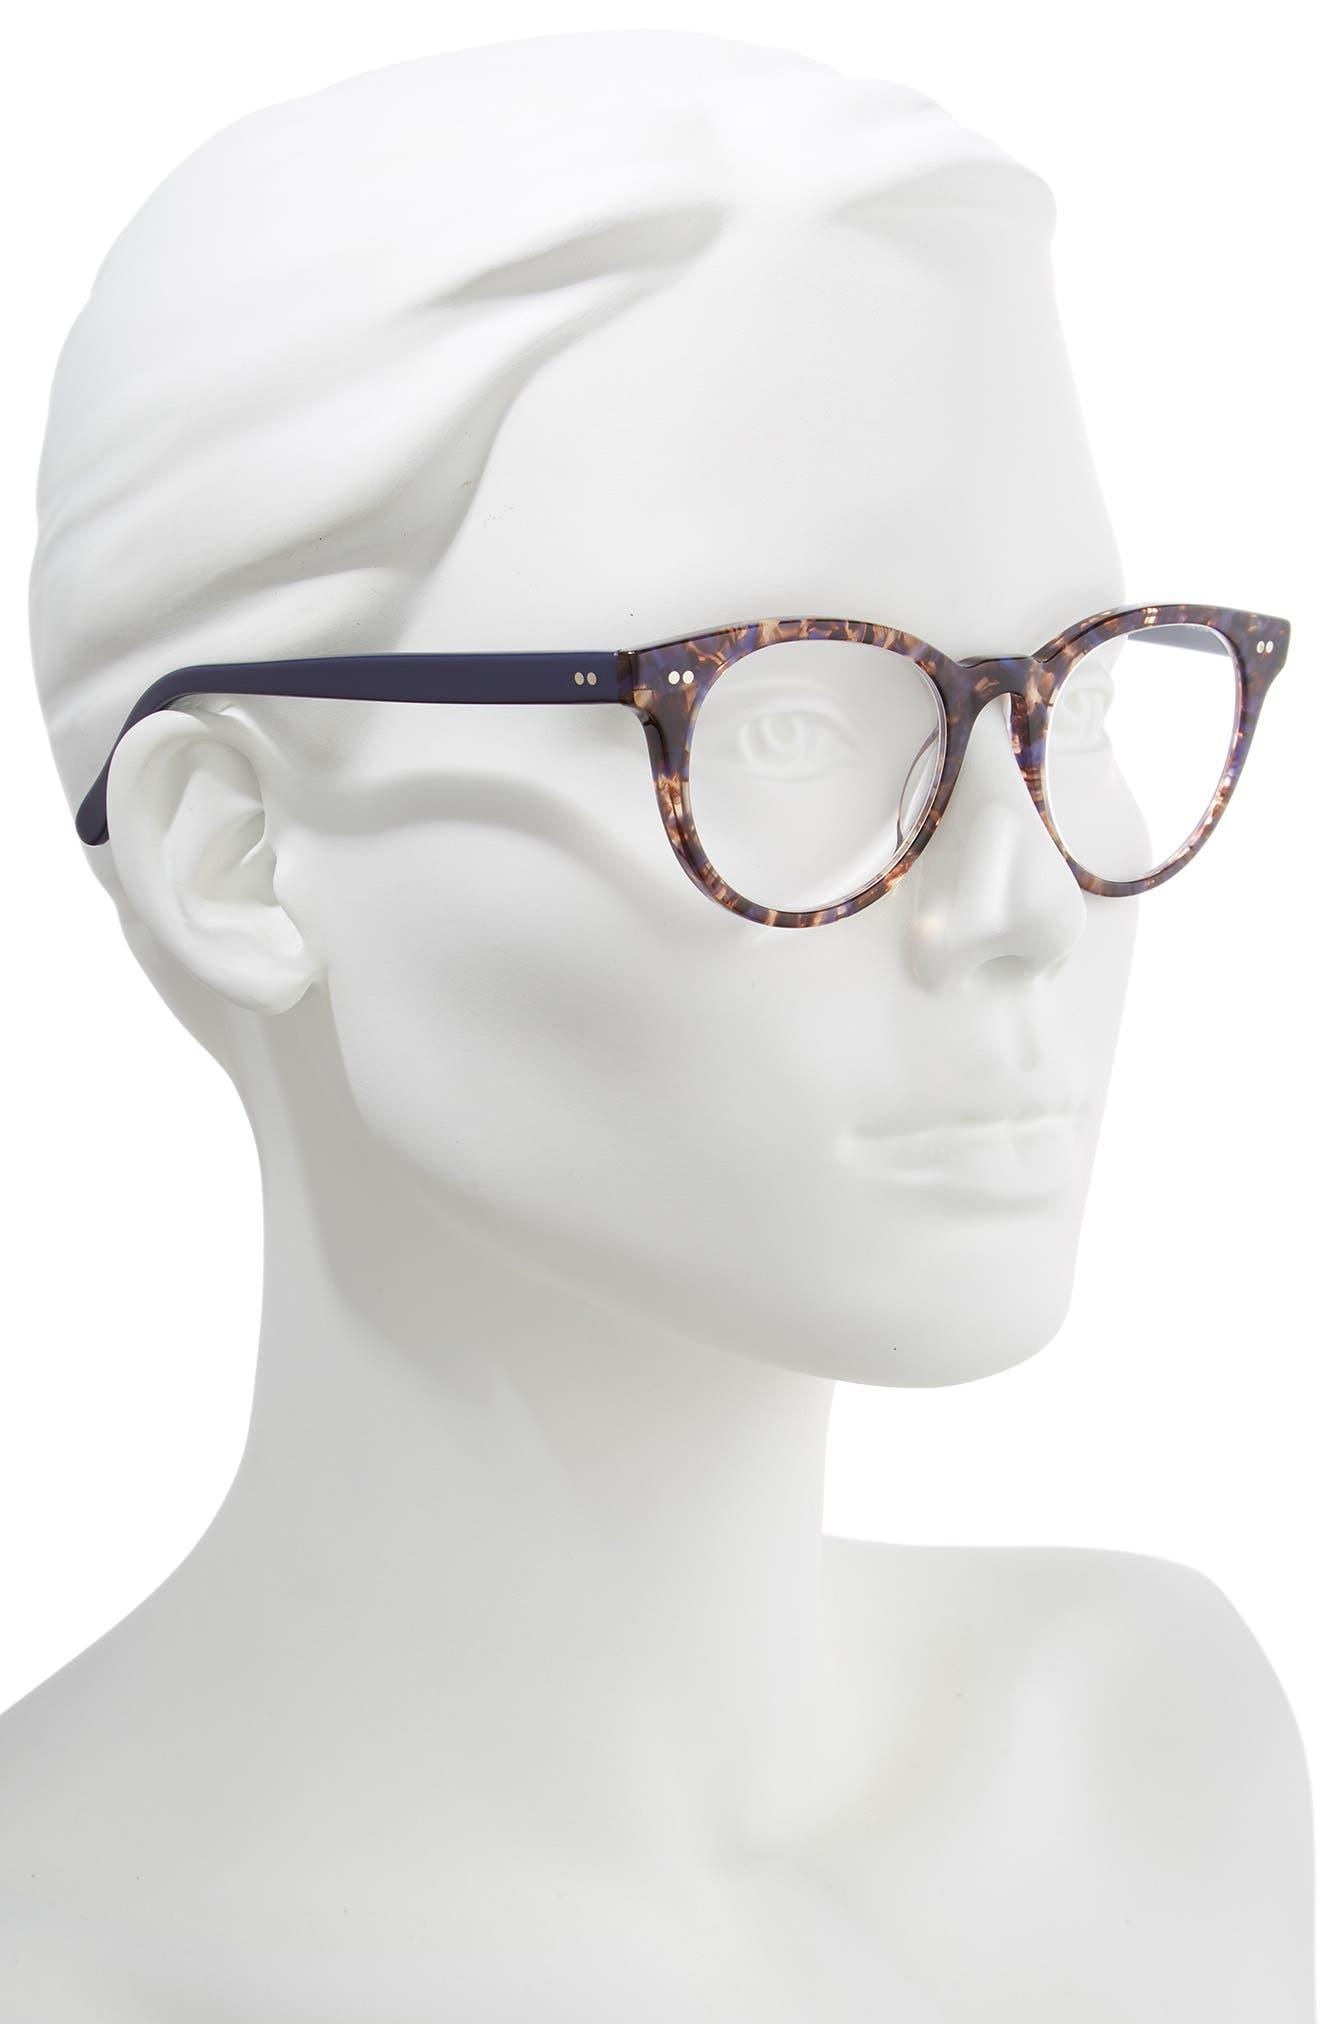 Abby 50mm Reading Glasses,                             Alternate thumbnail 2, color,                             TORTOISE/ NAVY BLUE